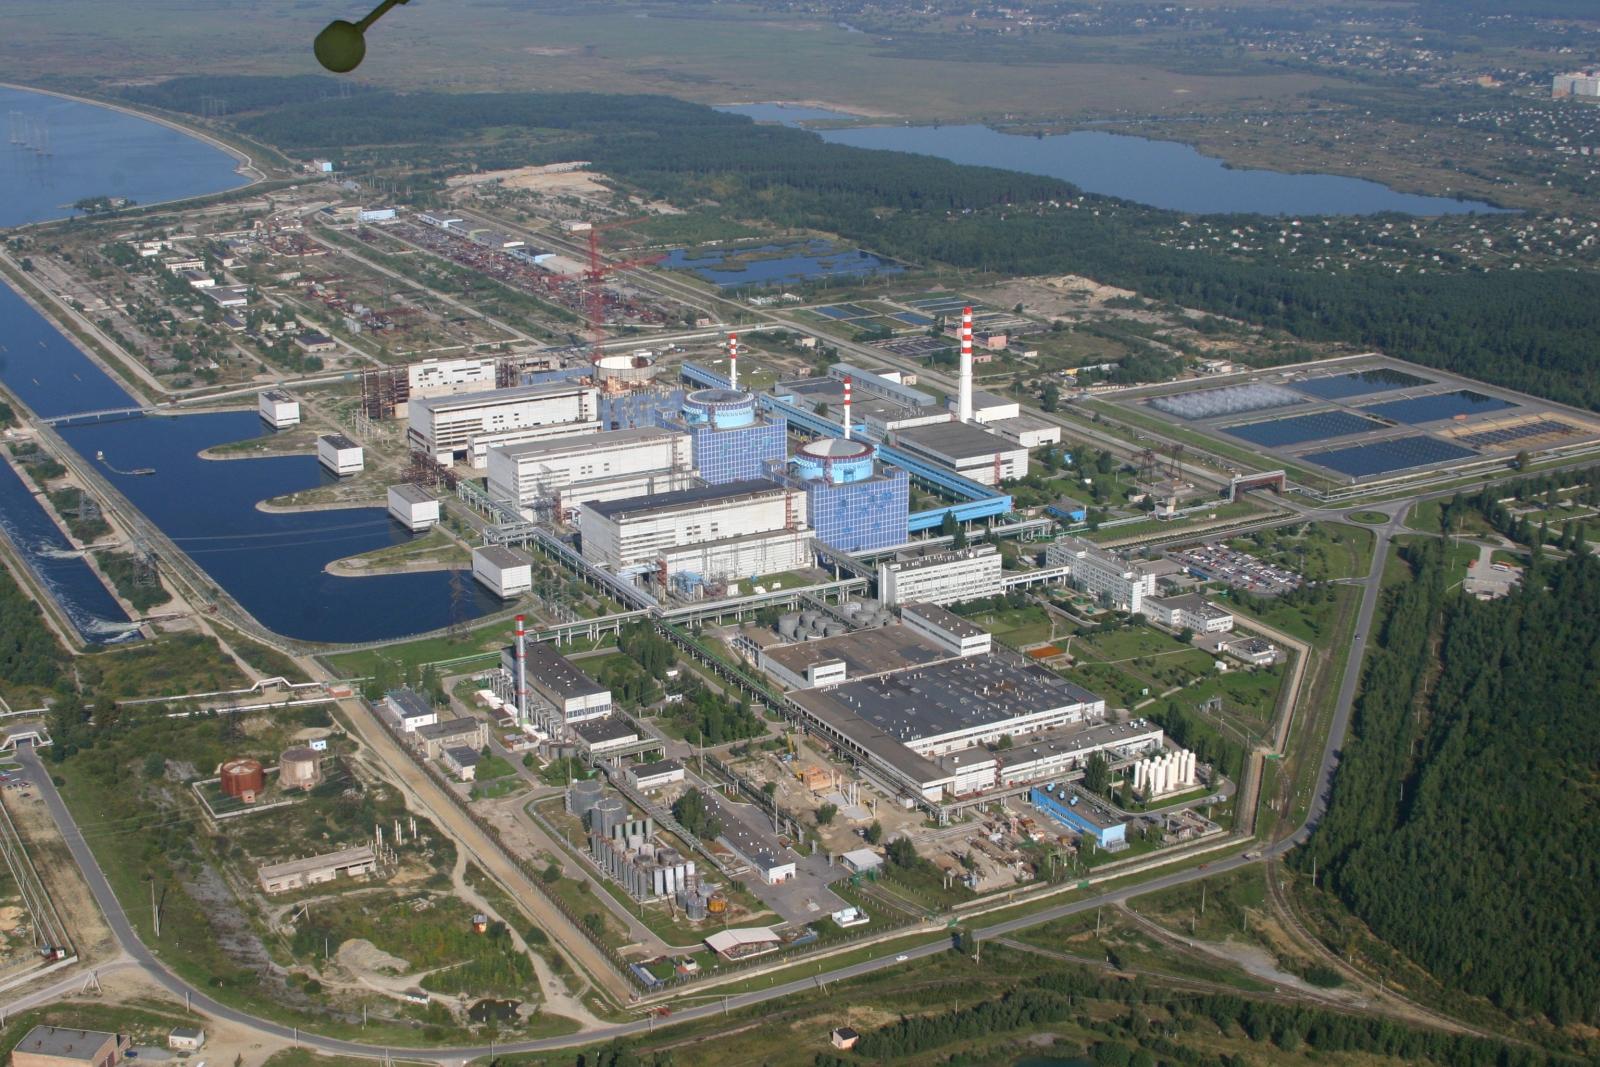 jaderná energie - Energoatom vidí budoucnost v jaderné spolupráci se západními společnostmi - Ve světě (gallery 36 photos10 26758) 2